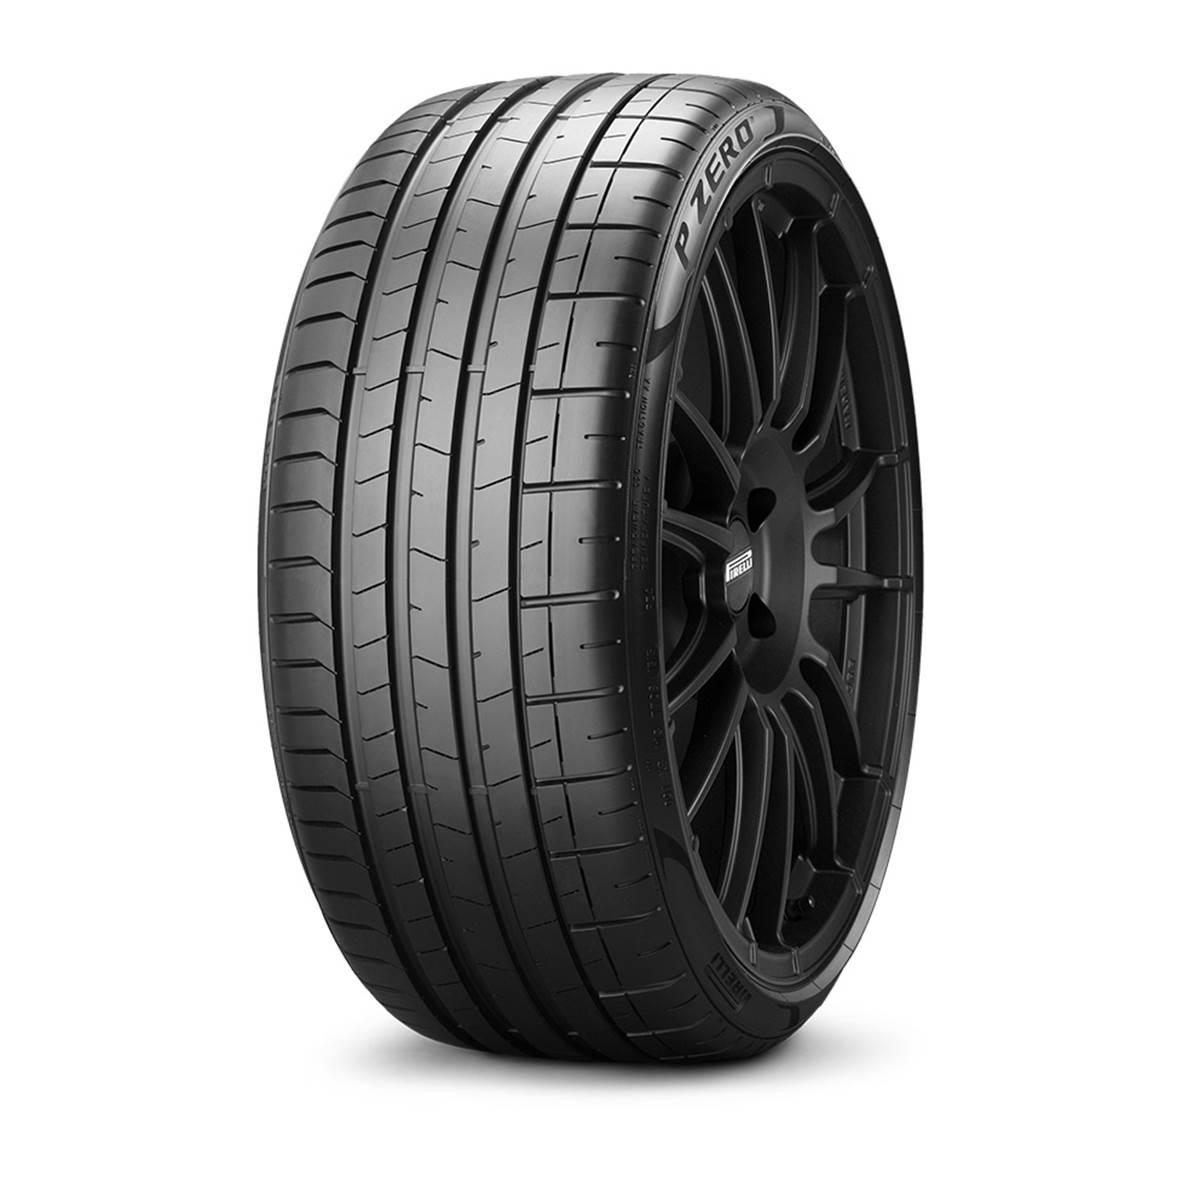 Pneu Pirelli 255/35R19 96Y Pzero XL